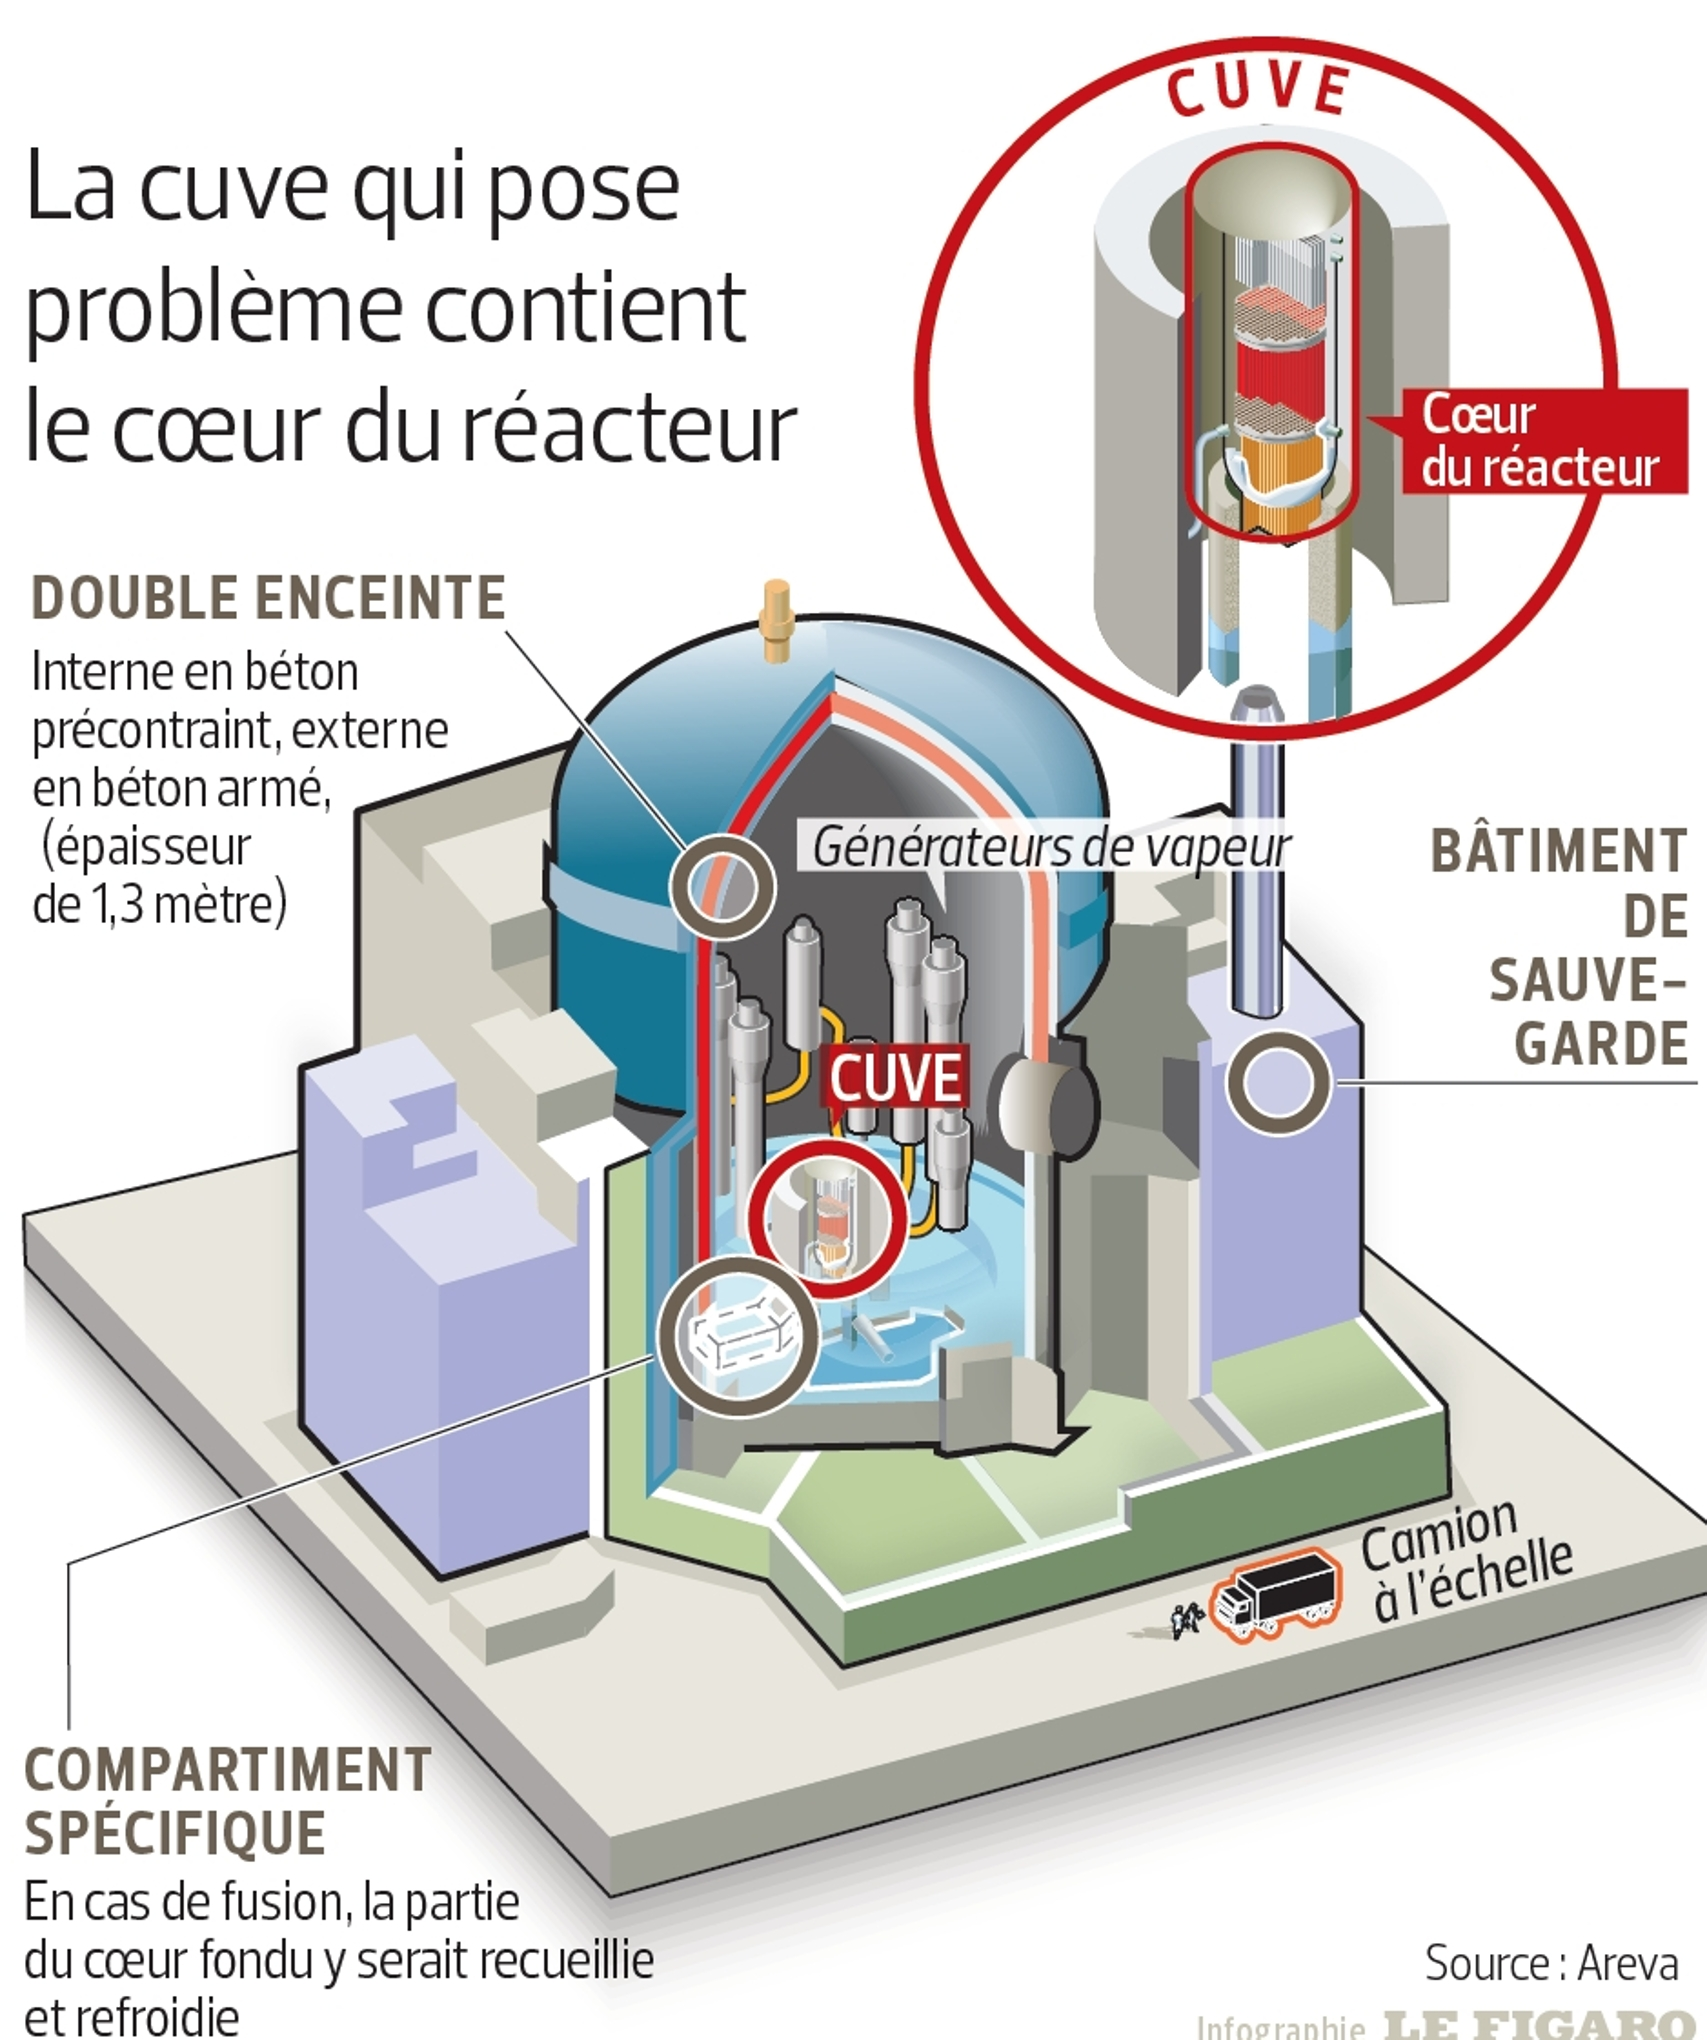 EPR, industrie nucléaire - Page 3 INFe066f1f0-018d-11e6-9232-4f8bdddbea3e-400x478